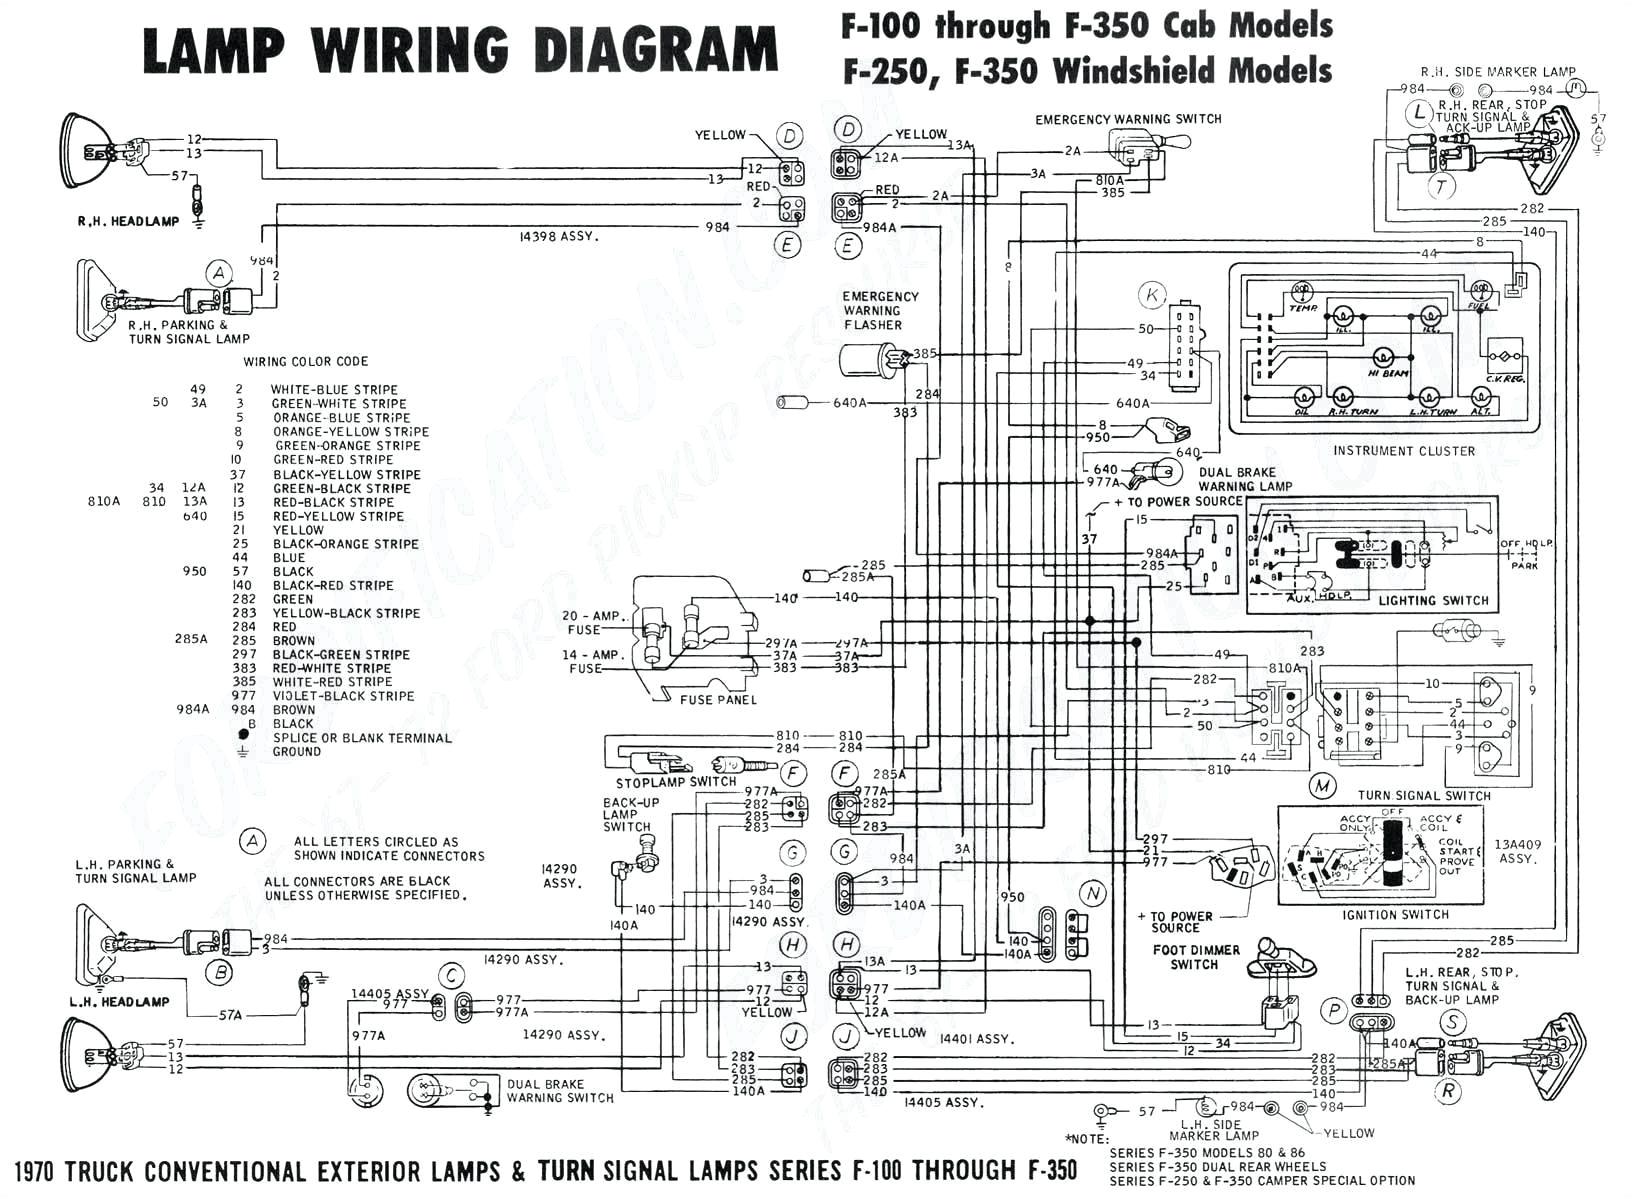 2003 ford super duty wiring diagram wiring diagram perfomance 2003 ford f250 stereo wiring diagram 2003 ford f250 wiring diagram